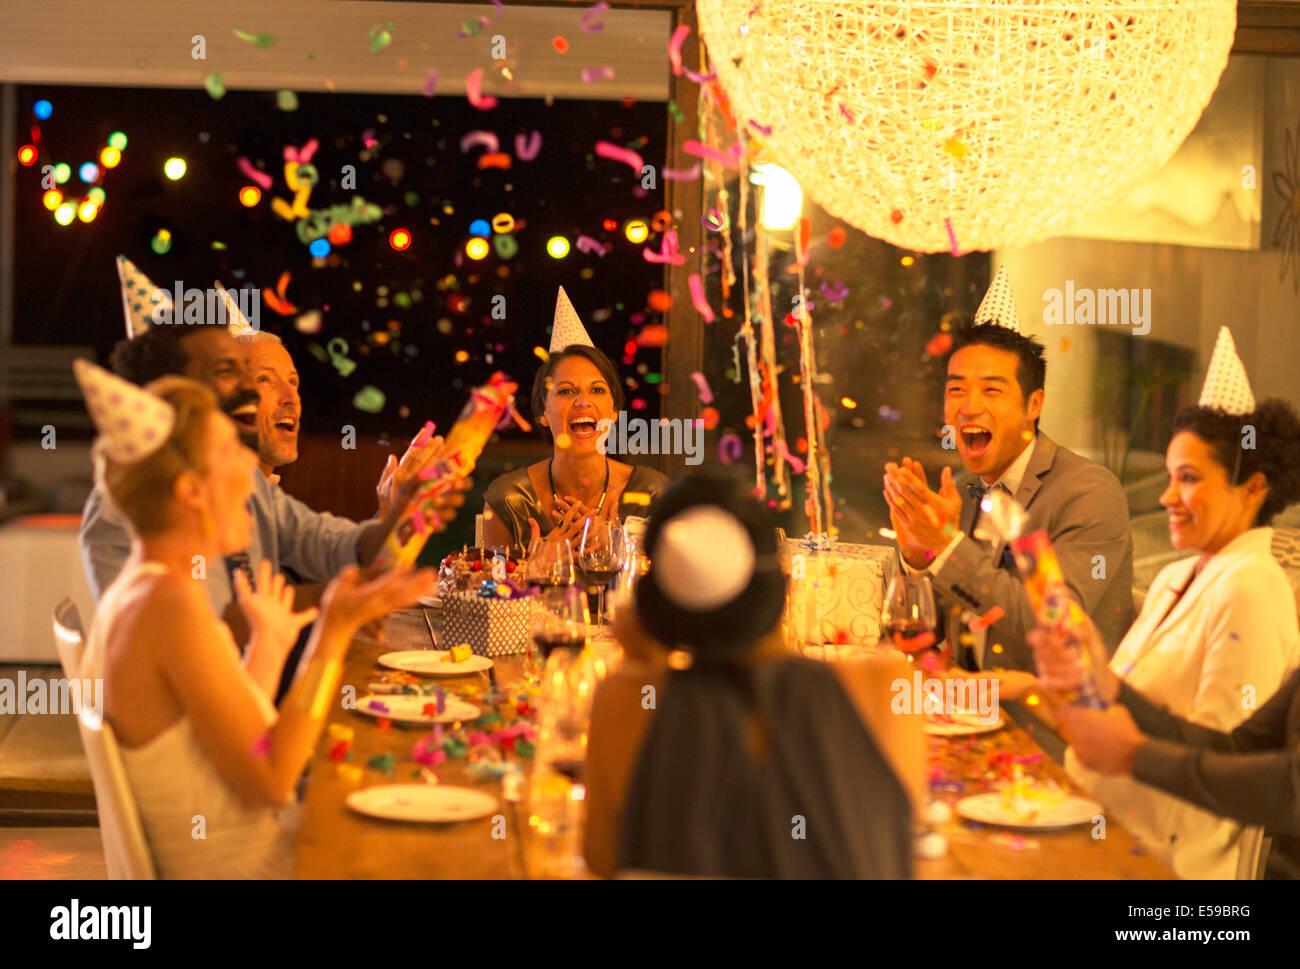 Amici gettando coriandoli a festa di compleanno Immagini Stock